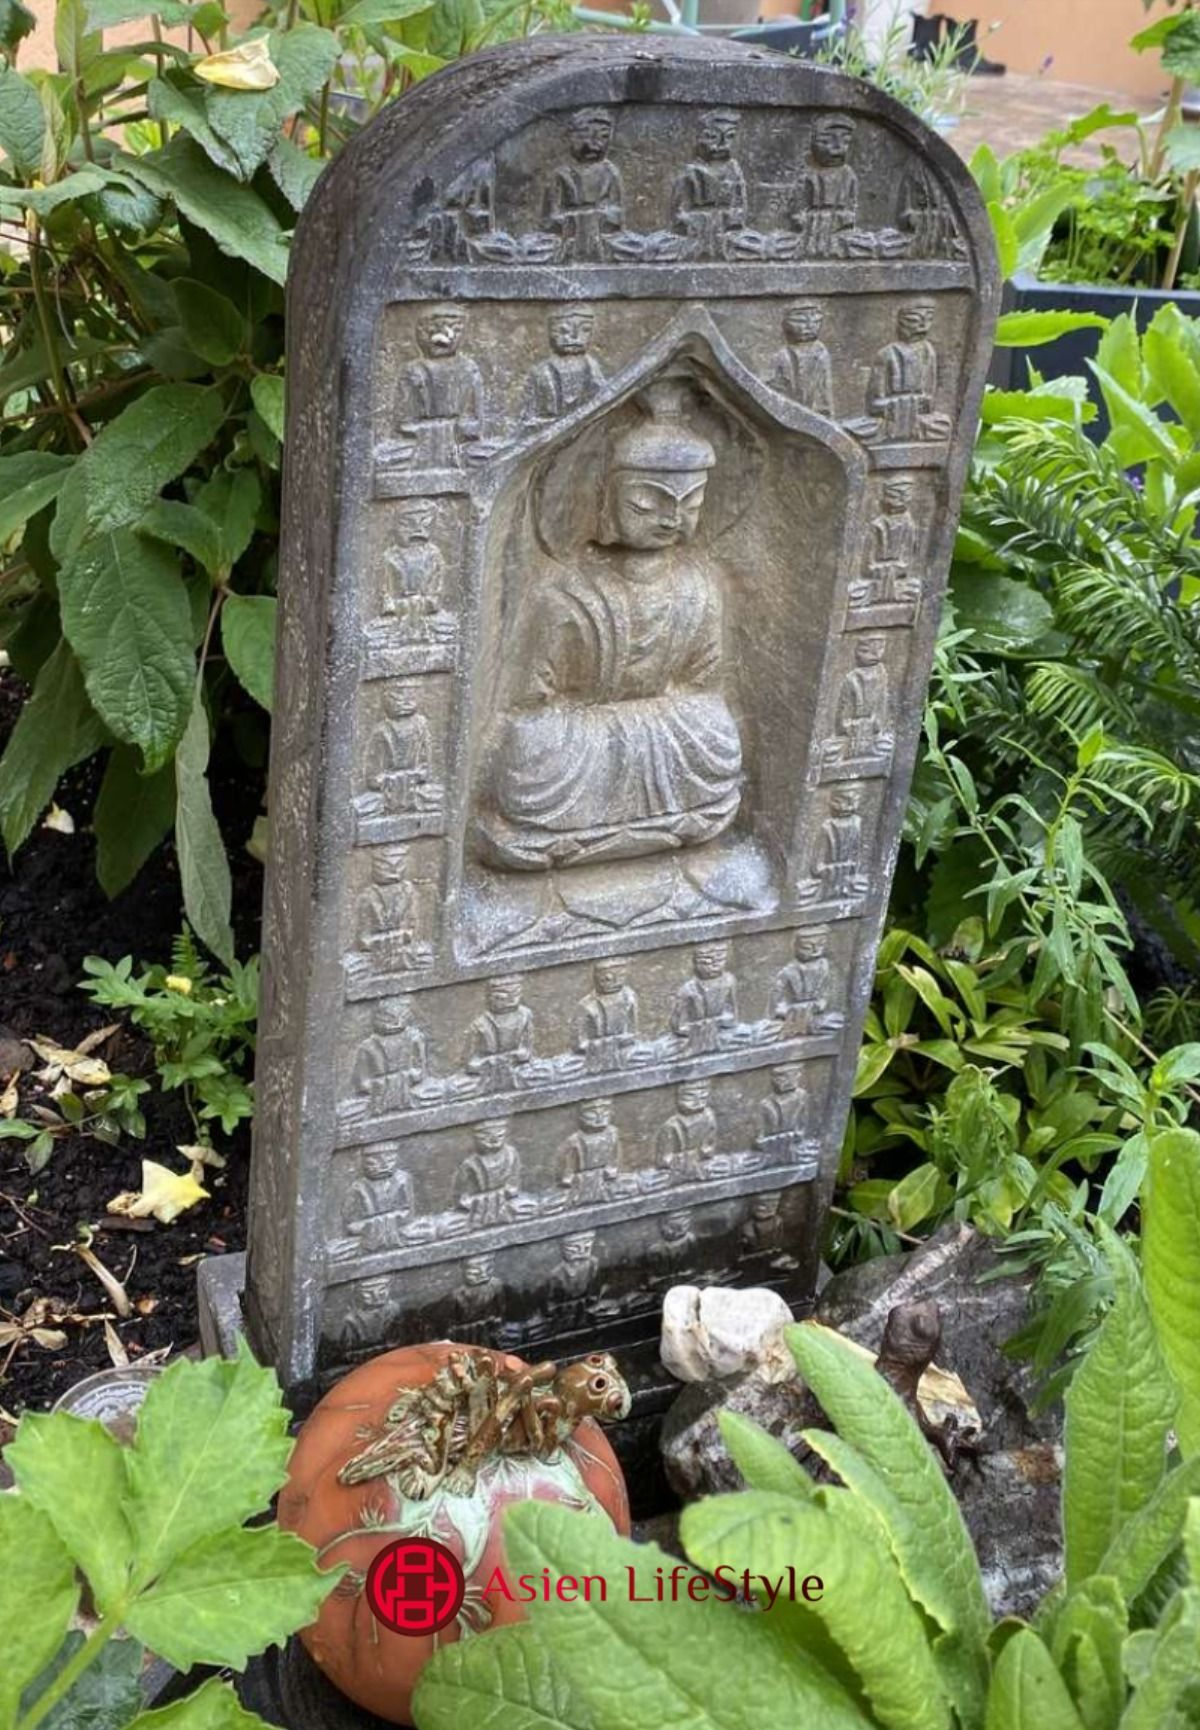 Asiatische Stein Buddha Figur Aus Naturstein Buddha Figur Flaschenoffner Wand Buddha